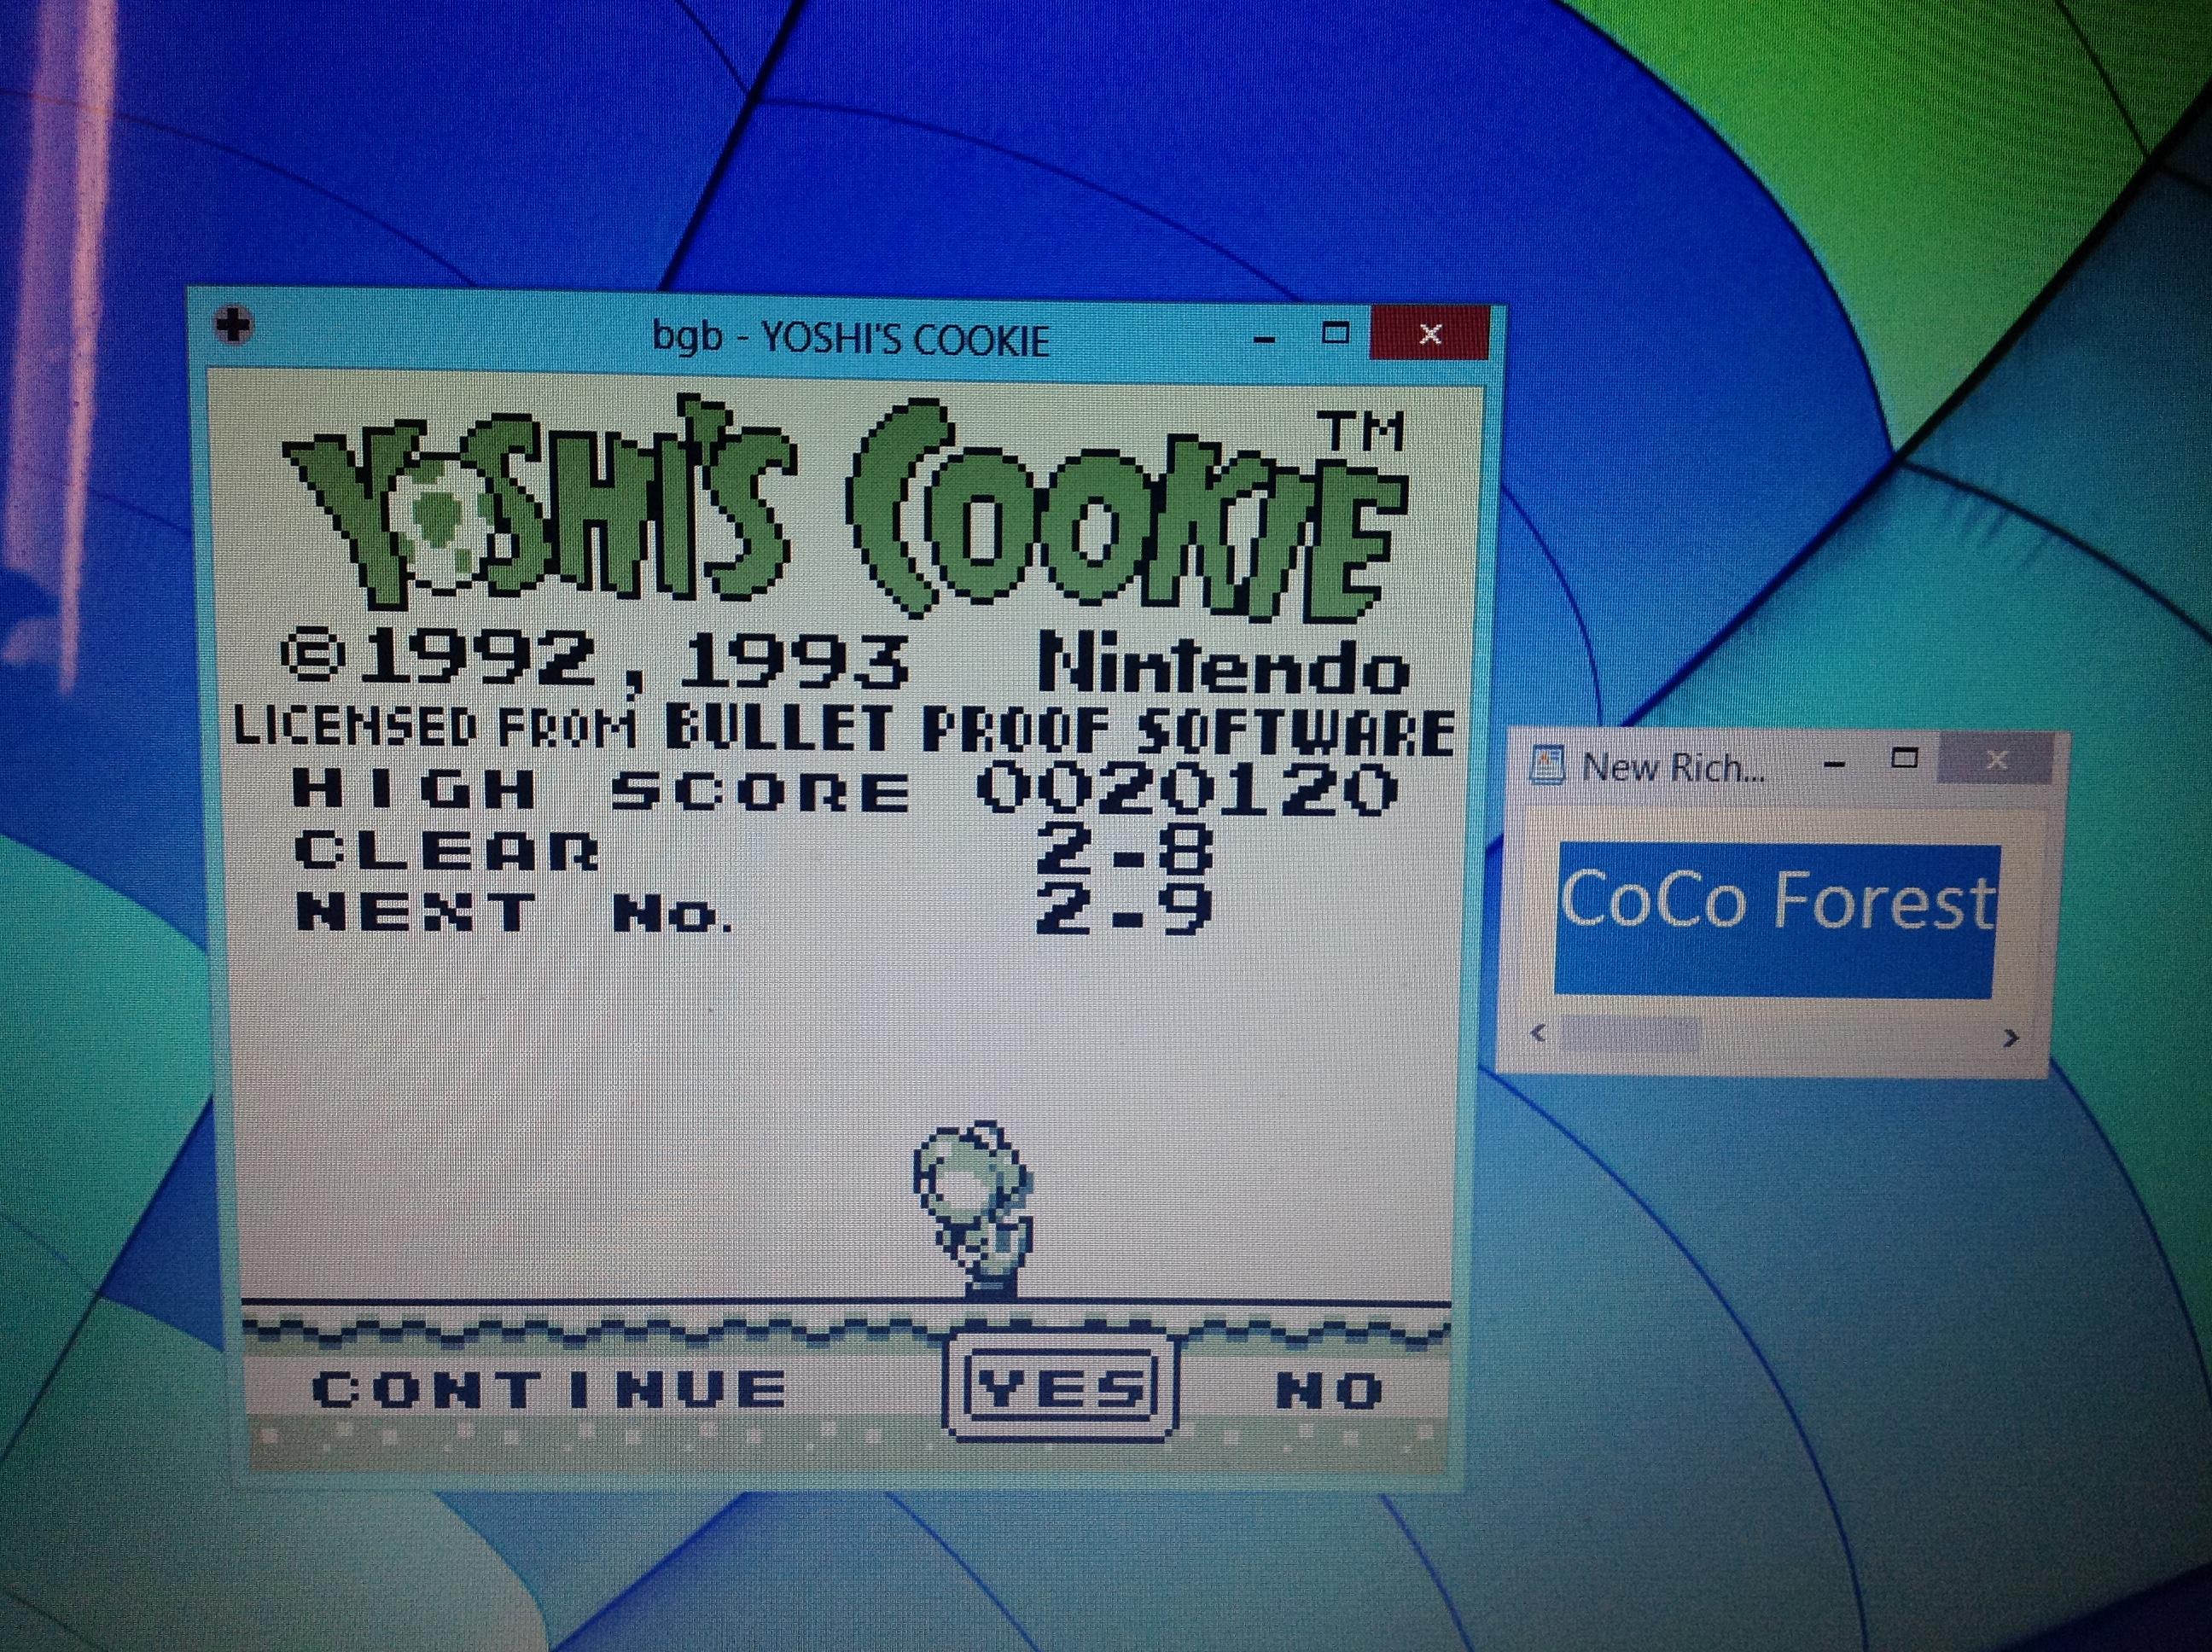 CoCoForest: Yoshi